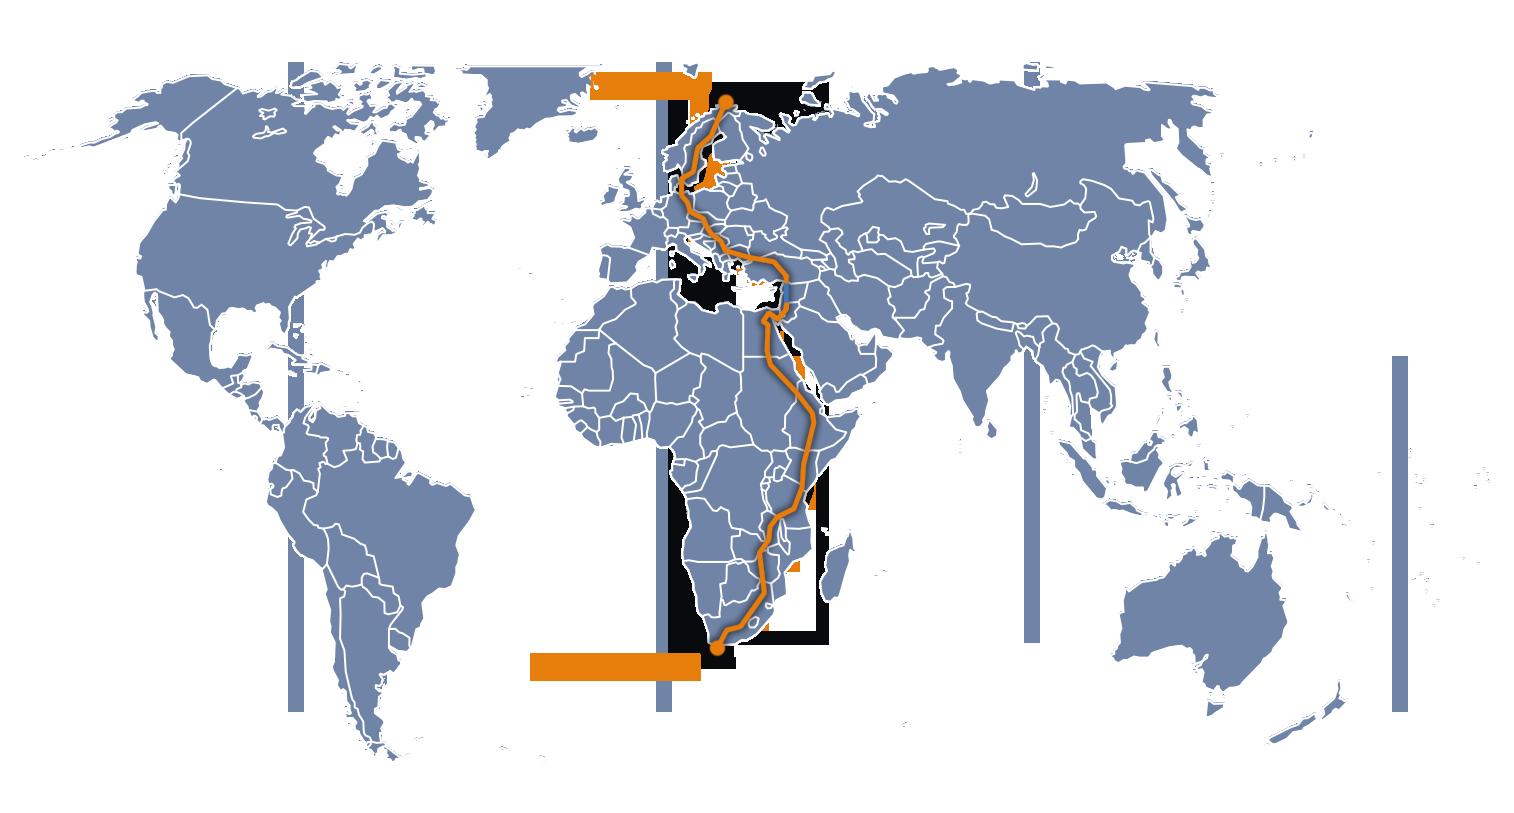 CapetoCape 2.0